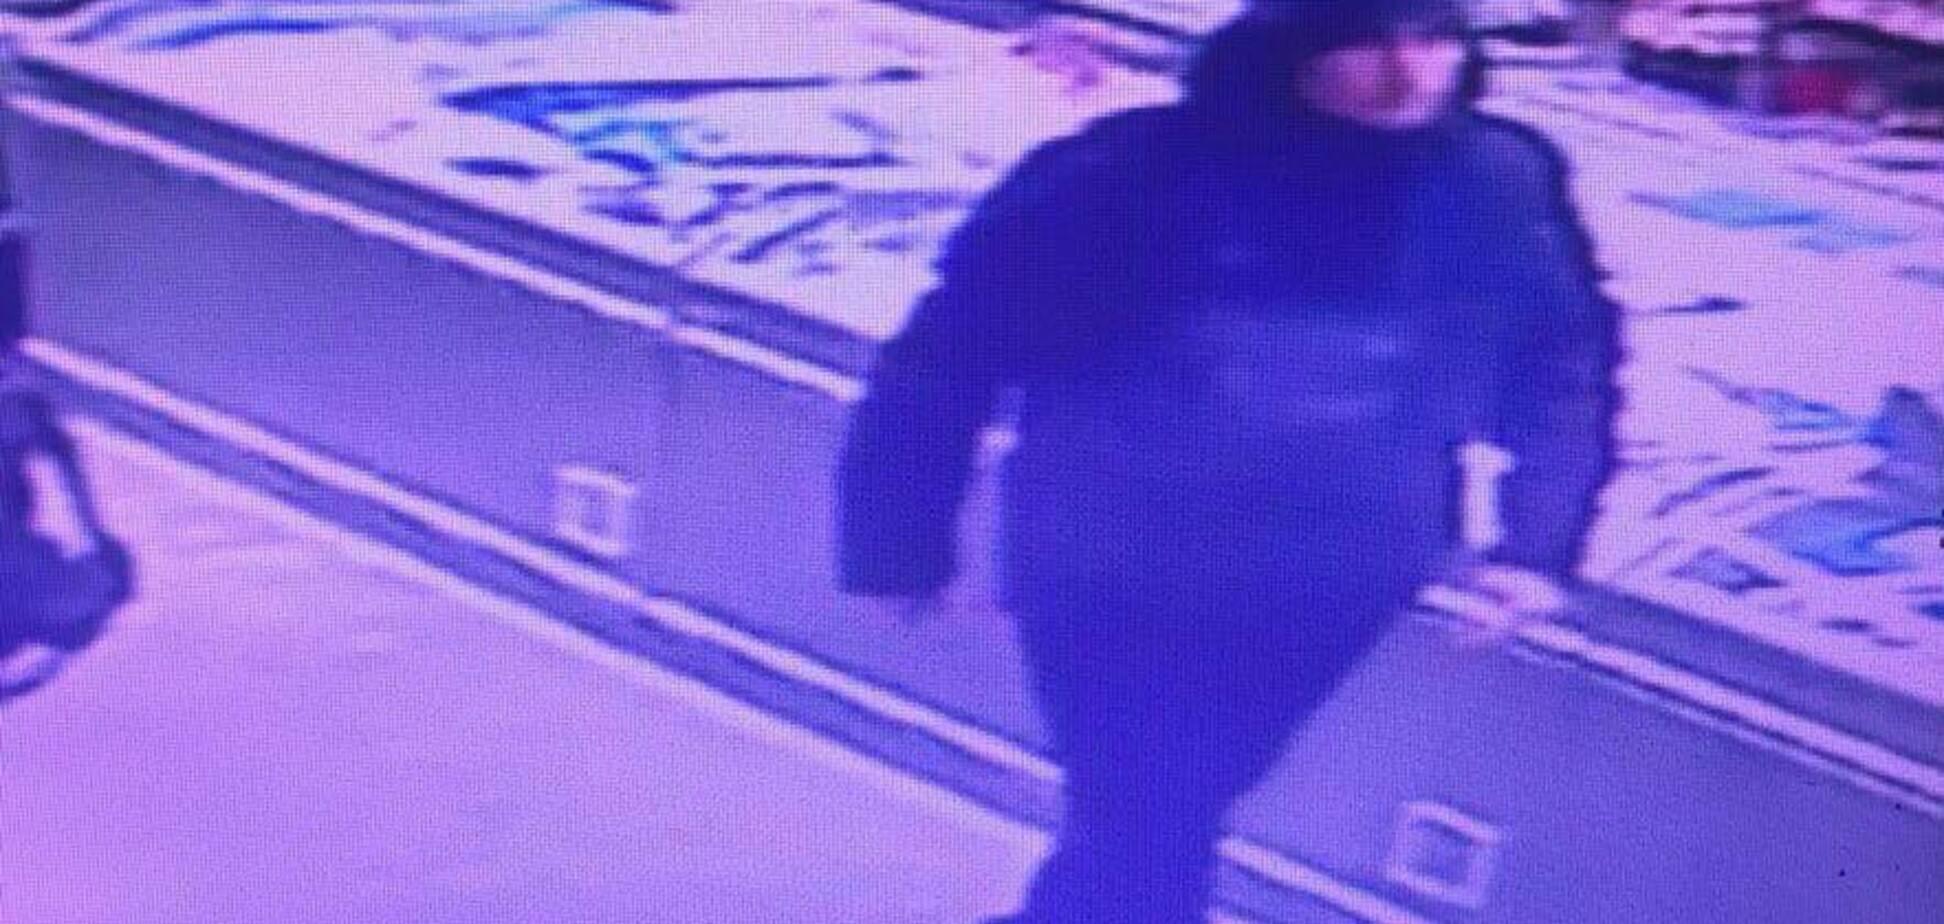 У Києві злодії засвітилися на камерах у відомому супермаркеті